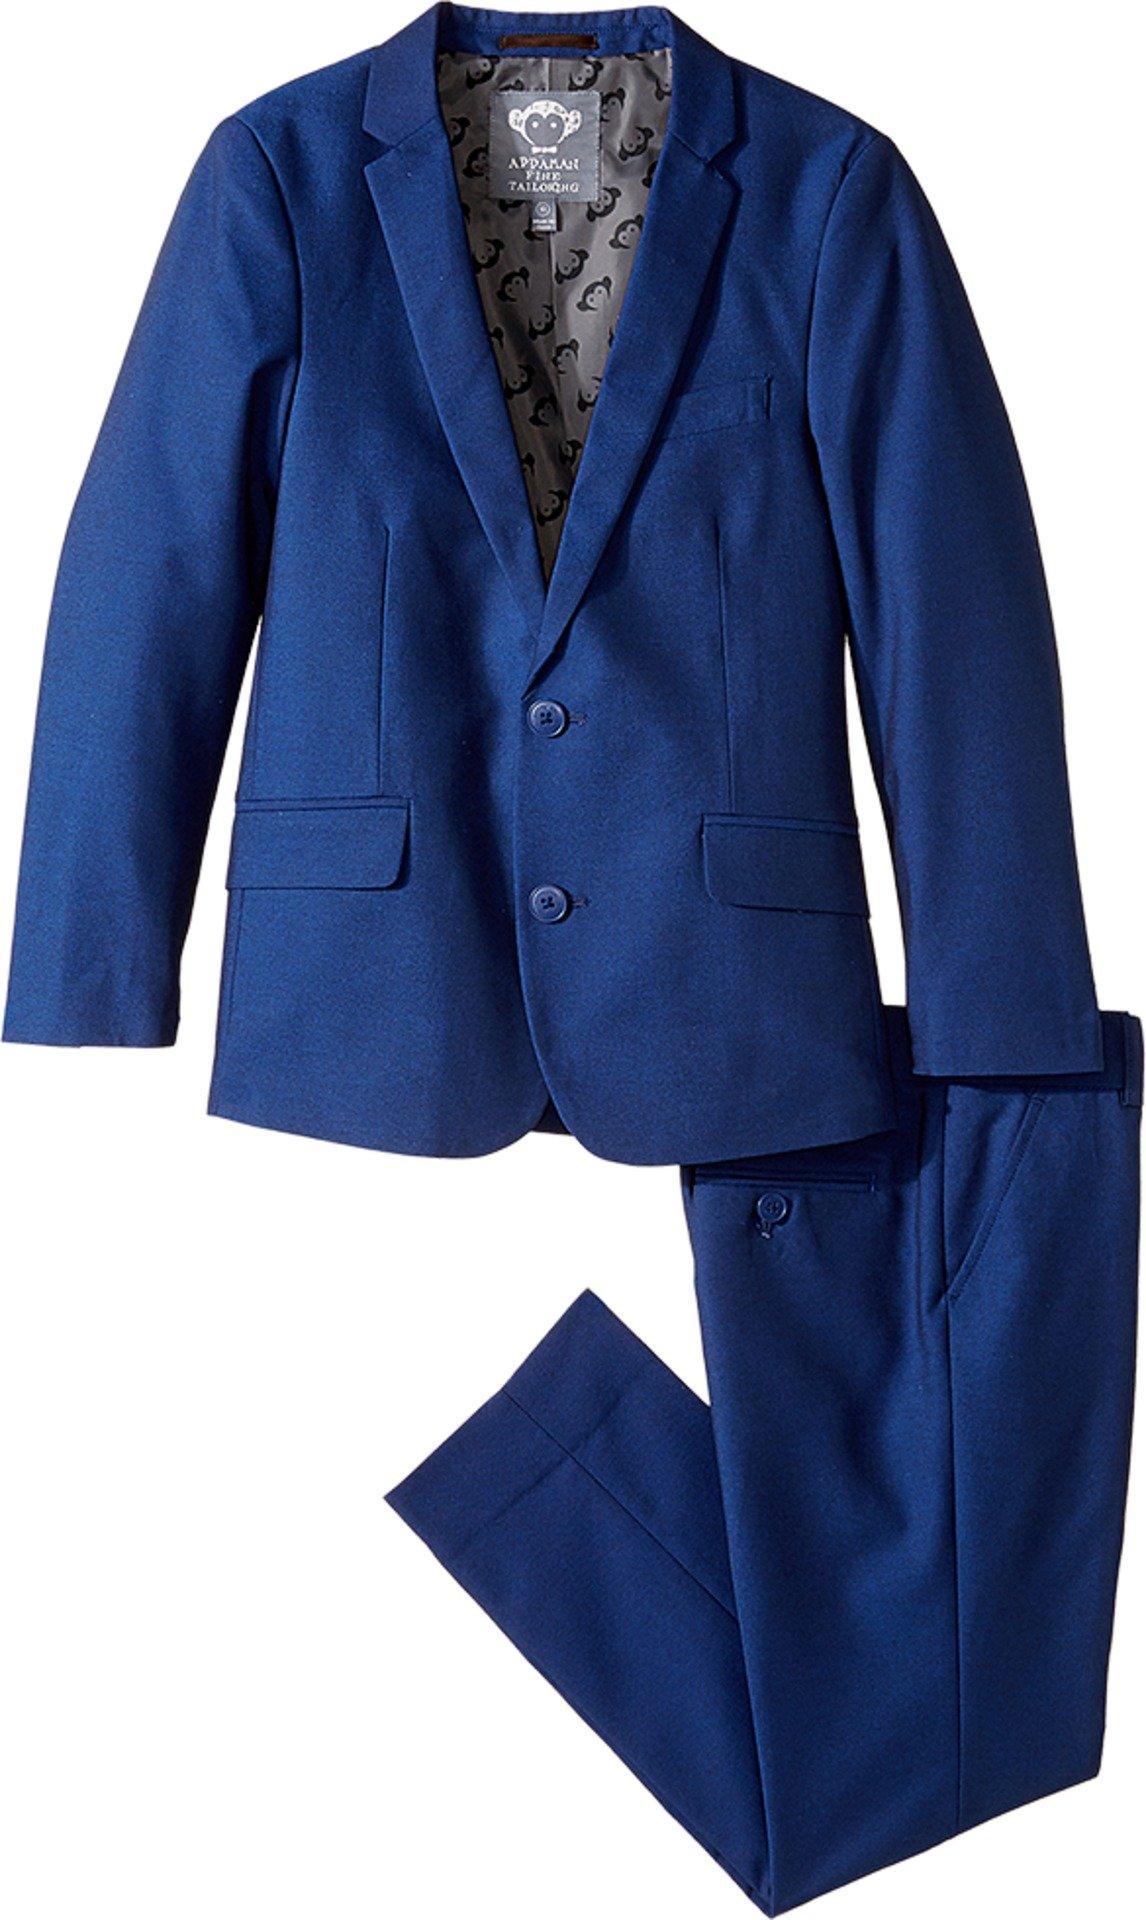 Appaman Boys' Mod Suit, Deep Cobalt, 3T by Appaman